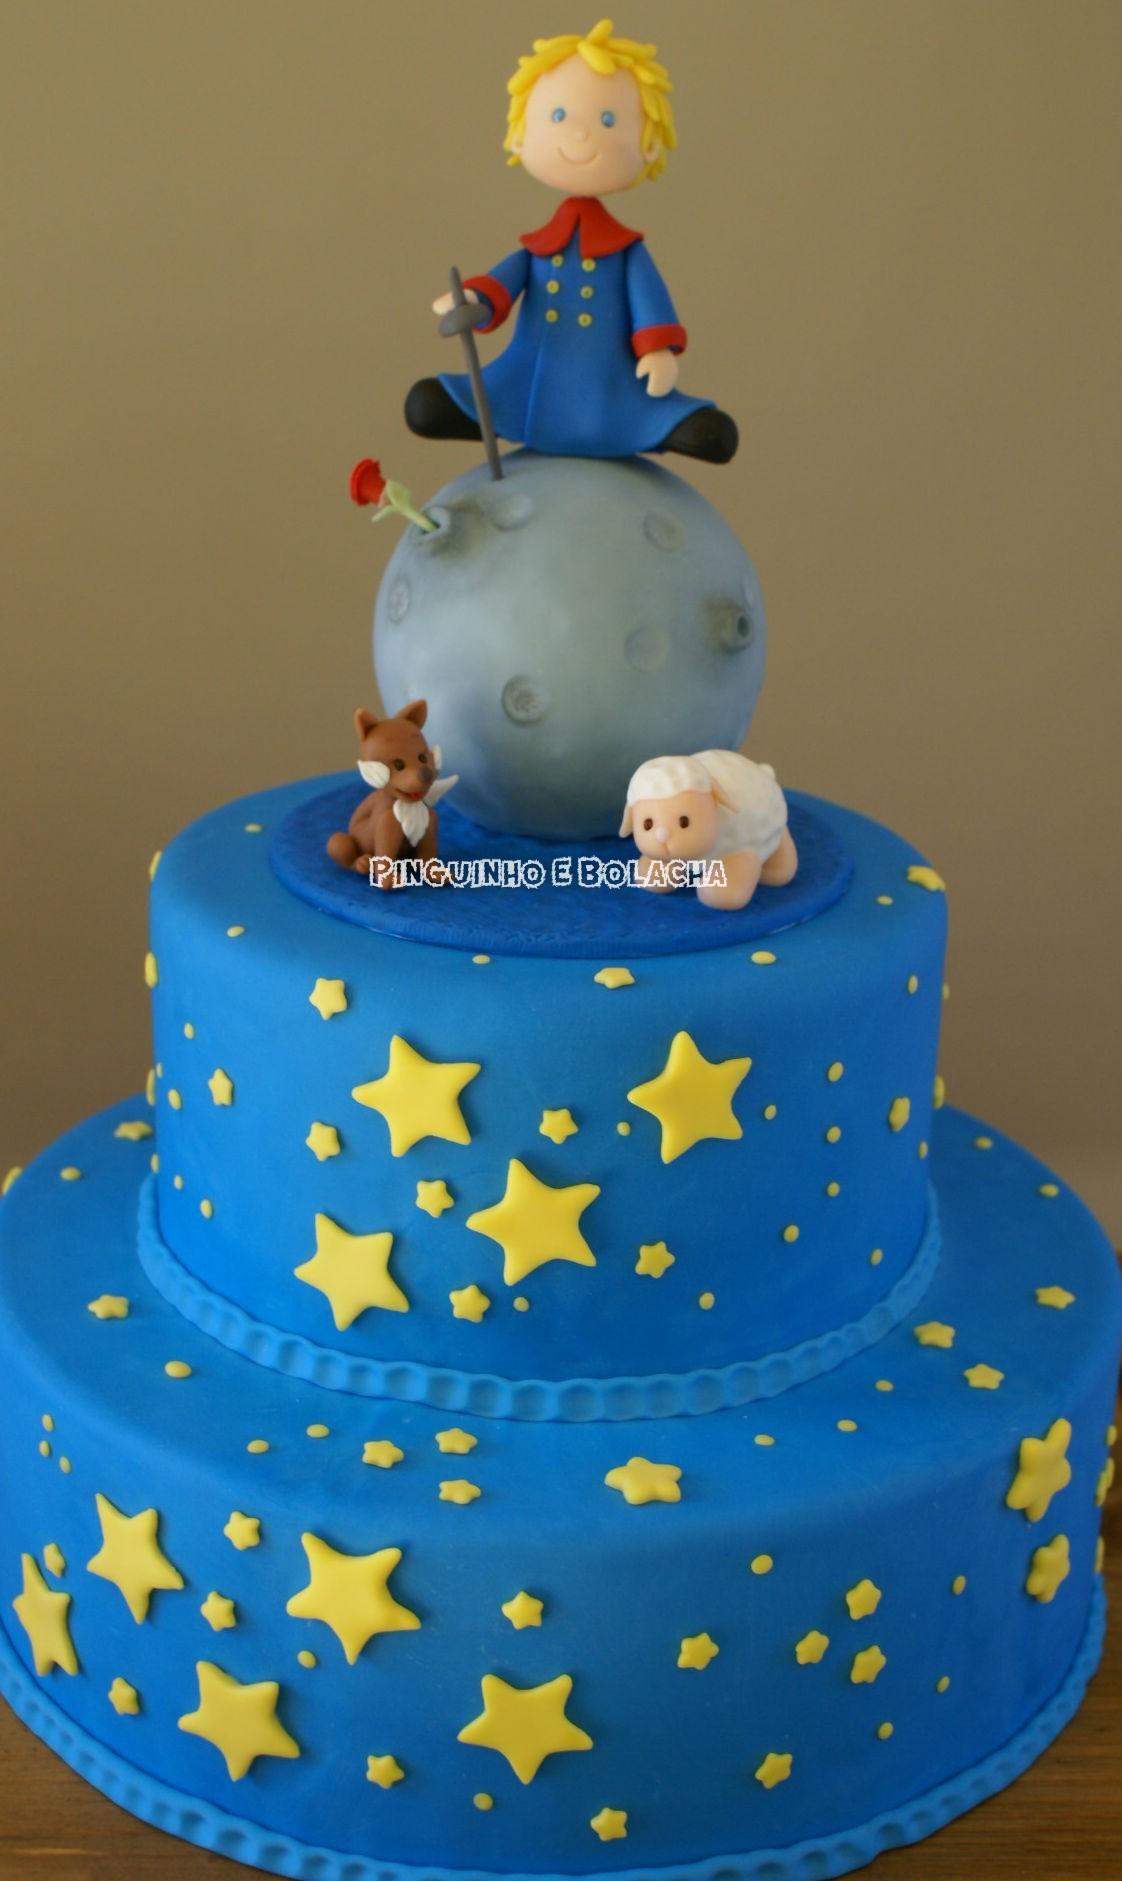 Bolo do Pequeno Príncipe decorado com Estrelas